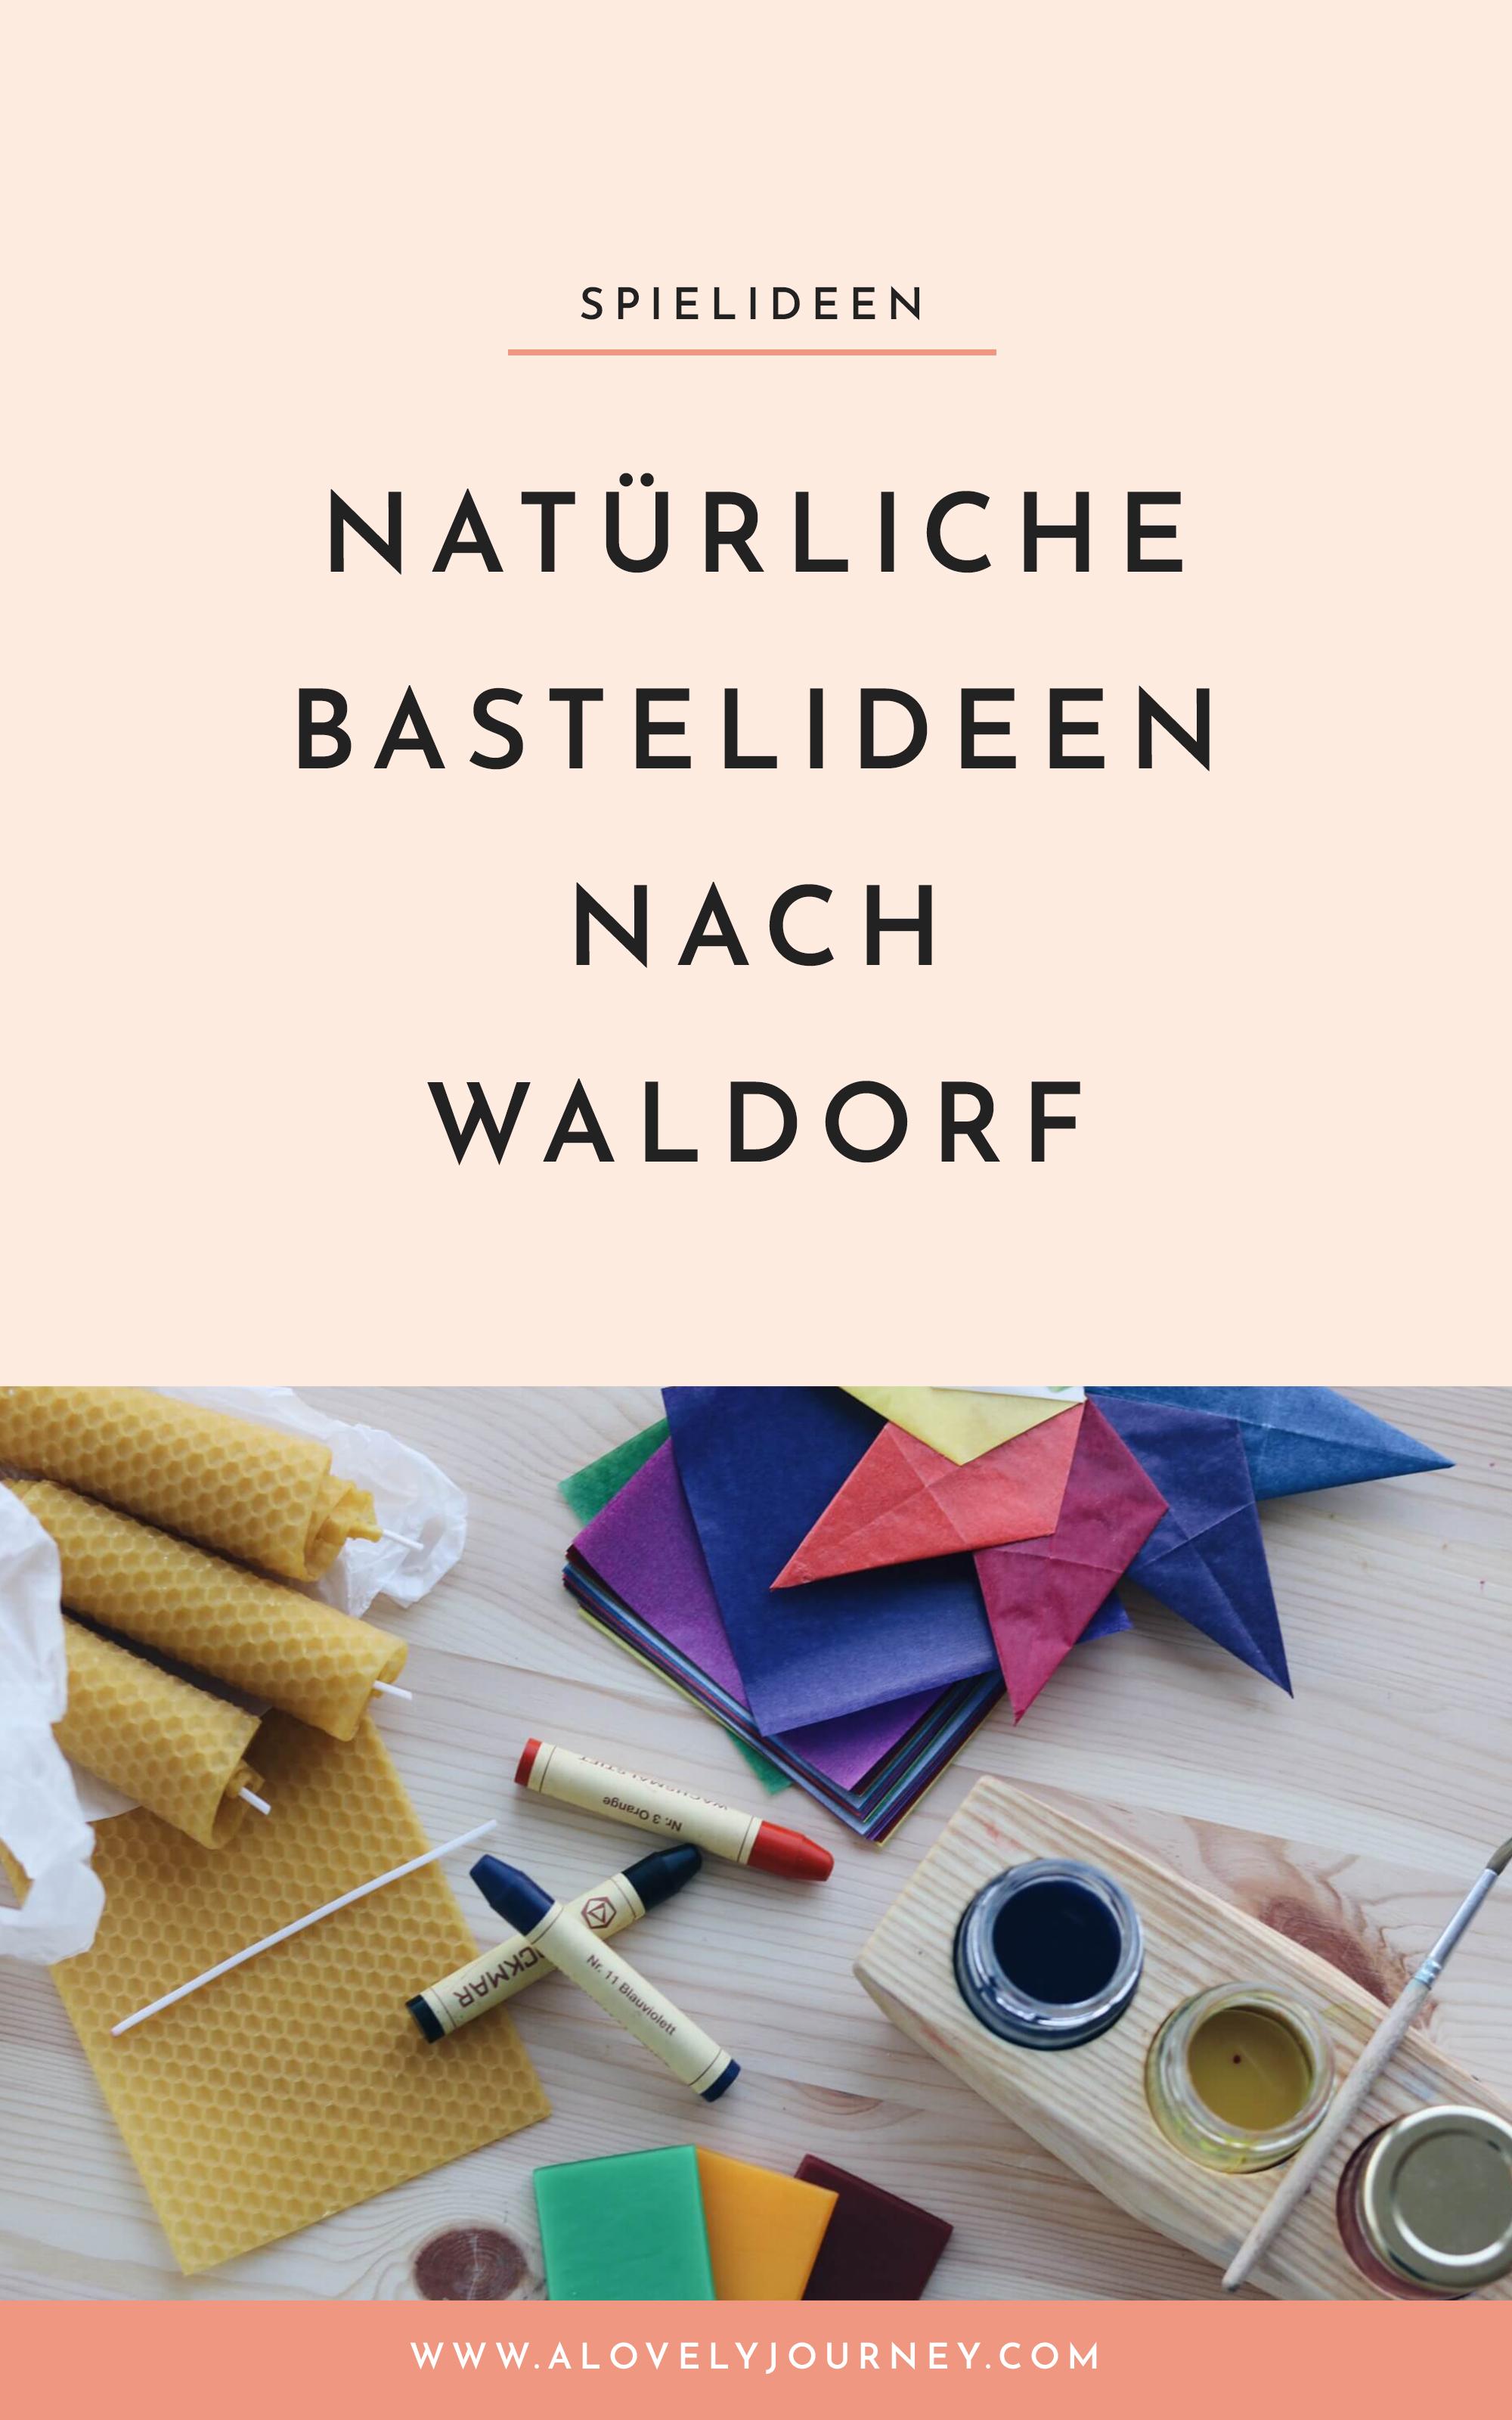 Natürlich Basteln: Einfach schöne Ideen zum Basteln nach Waldorf